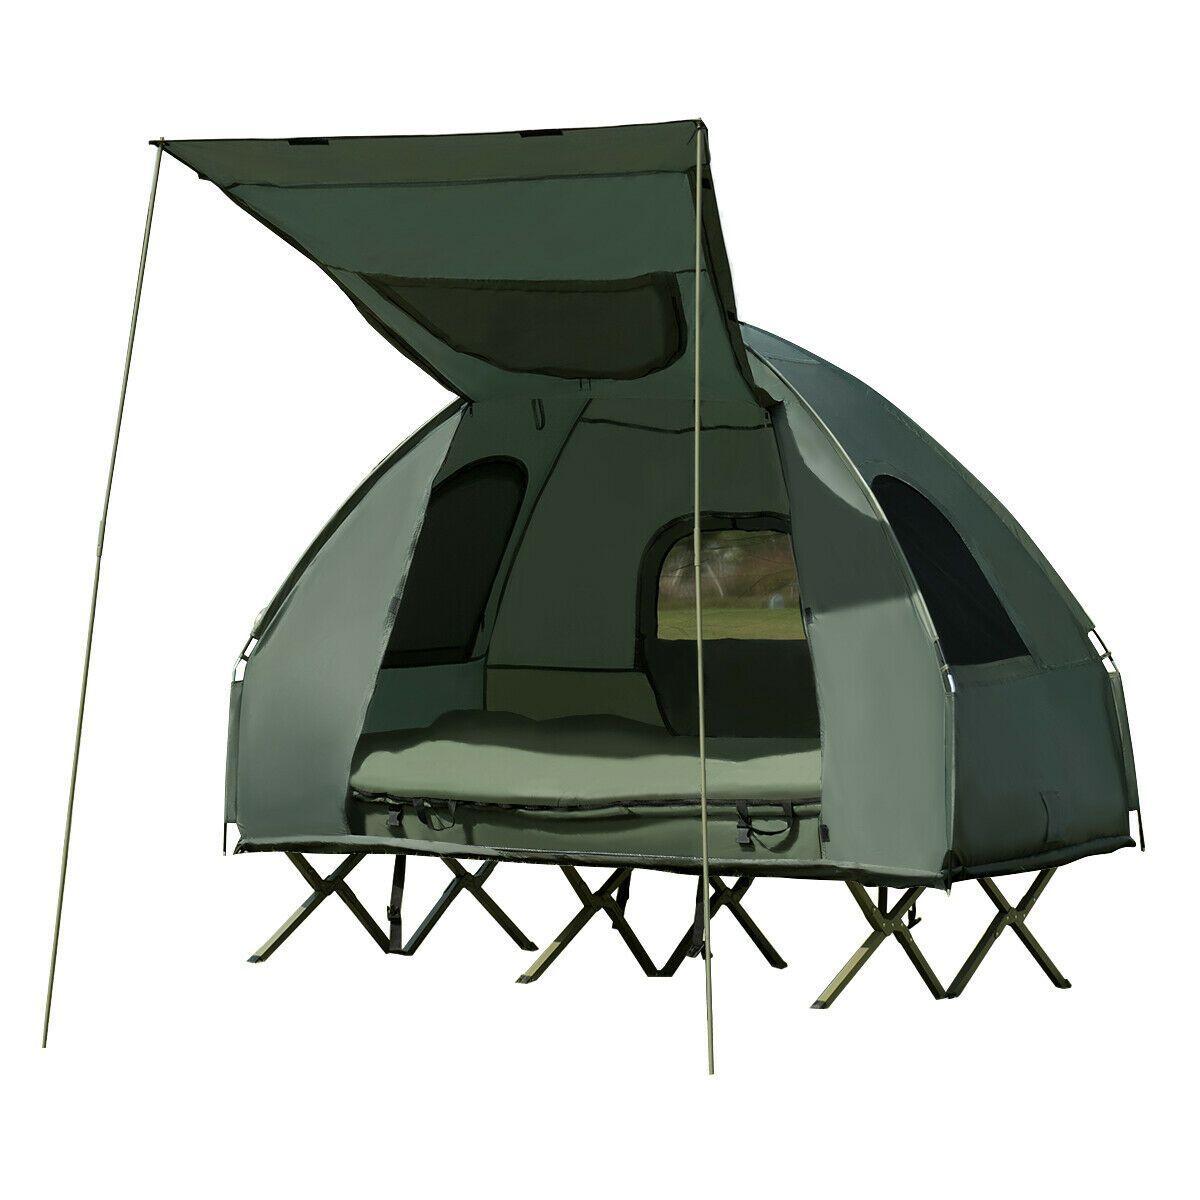 Gymax 2 Person Compact Portable Pop Up Tent Camping Cot W Air Mattress Sleeping Bag Walmart Com Tent Cot Cool Tents Pop Up Tent